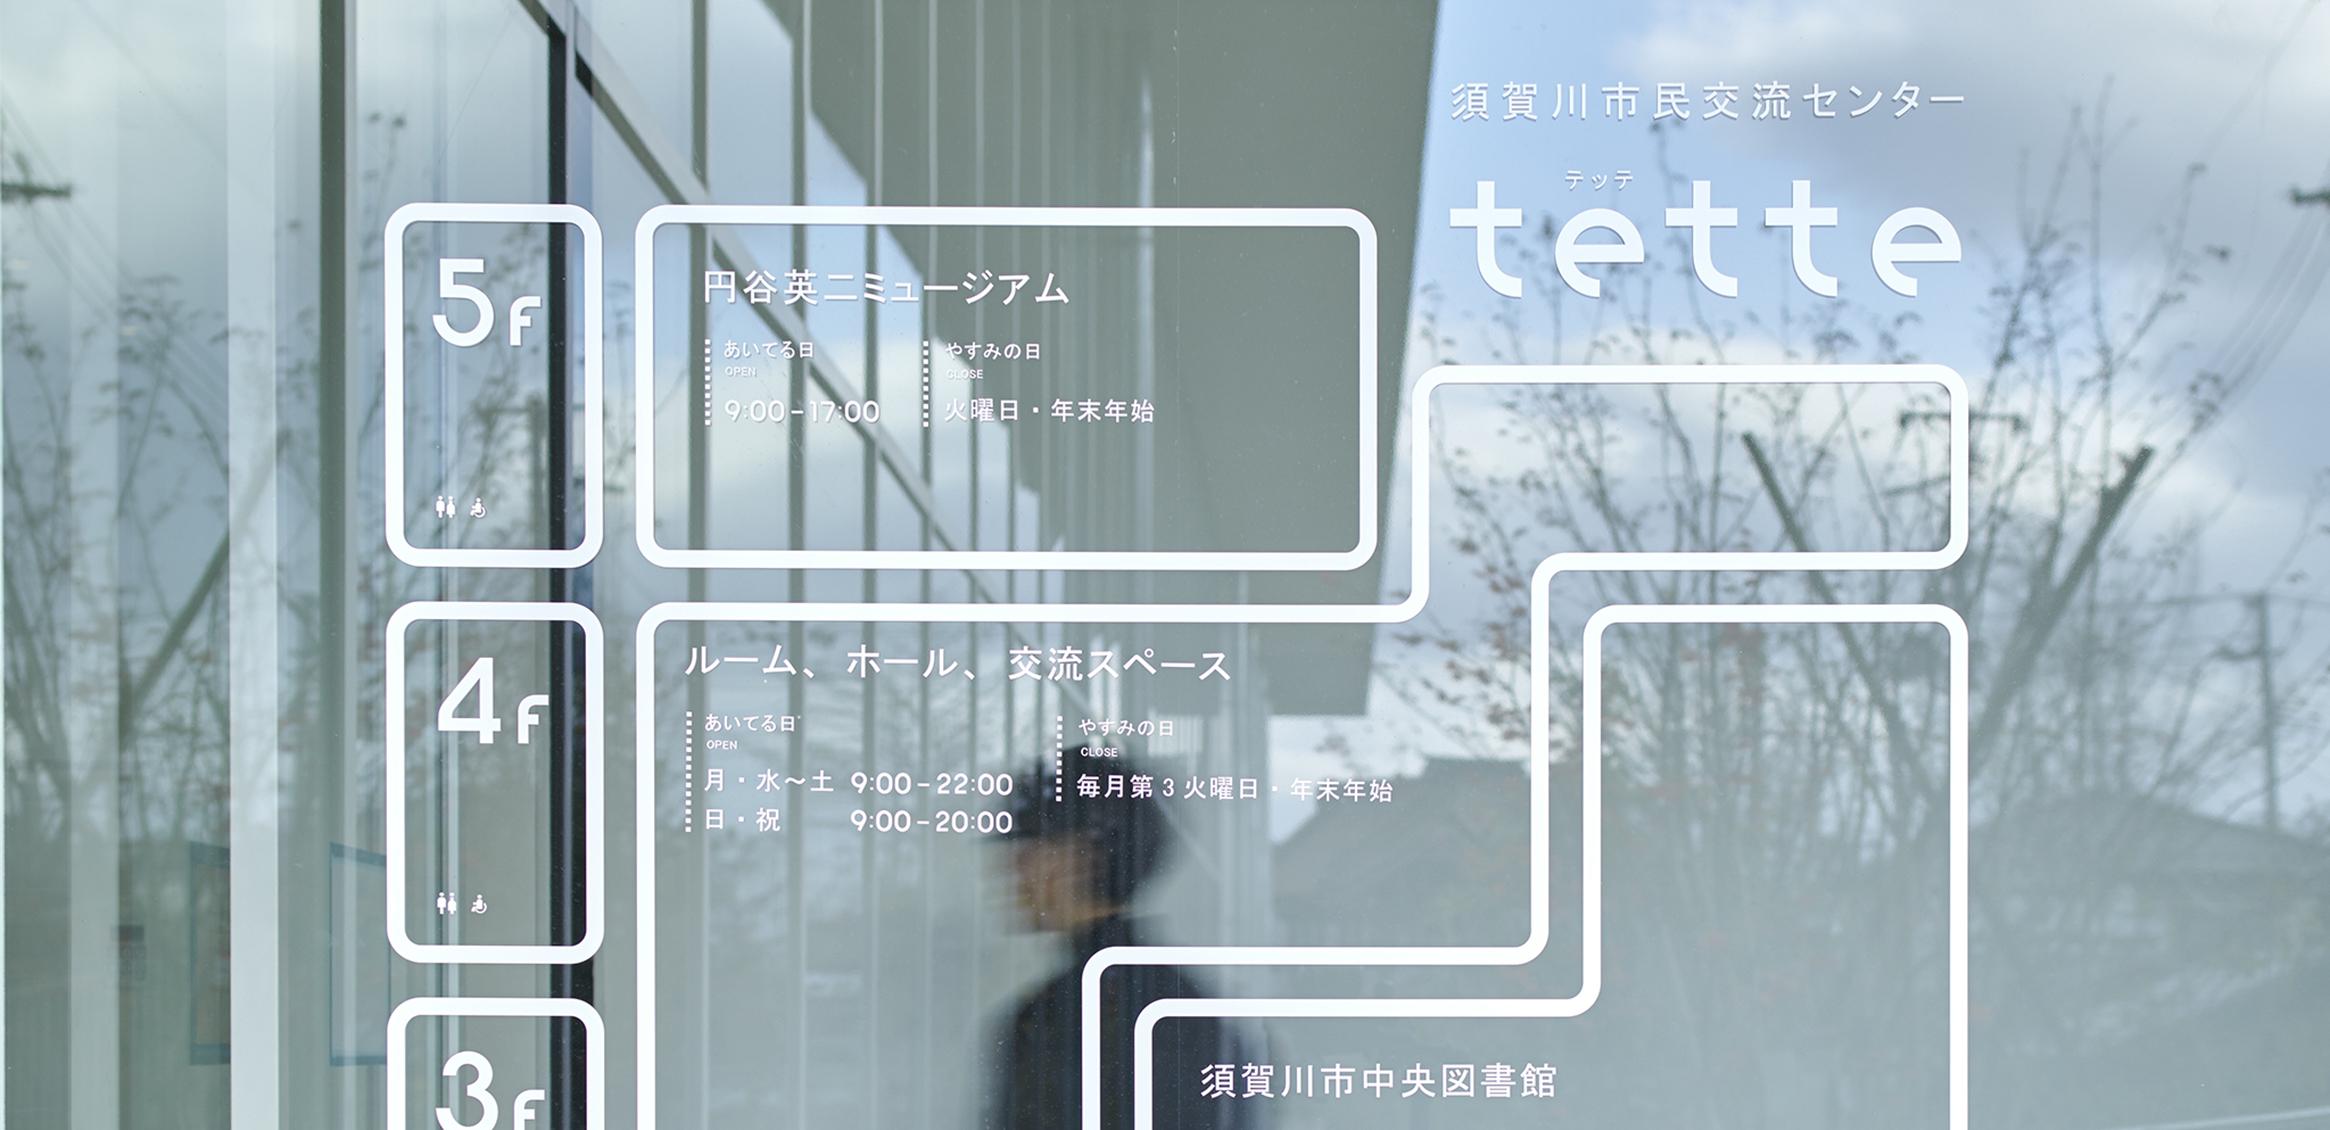 須賀川市民交流センターtette サイン計画4枚目